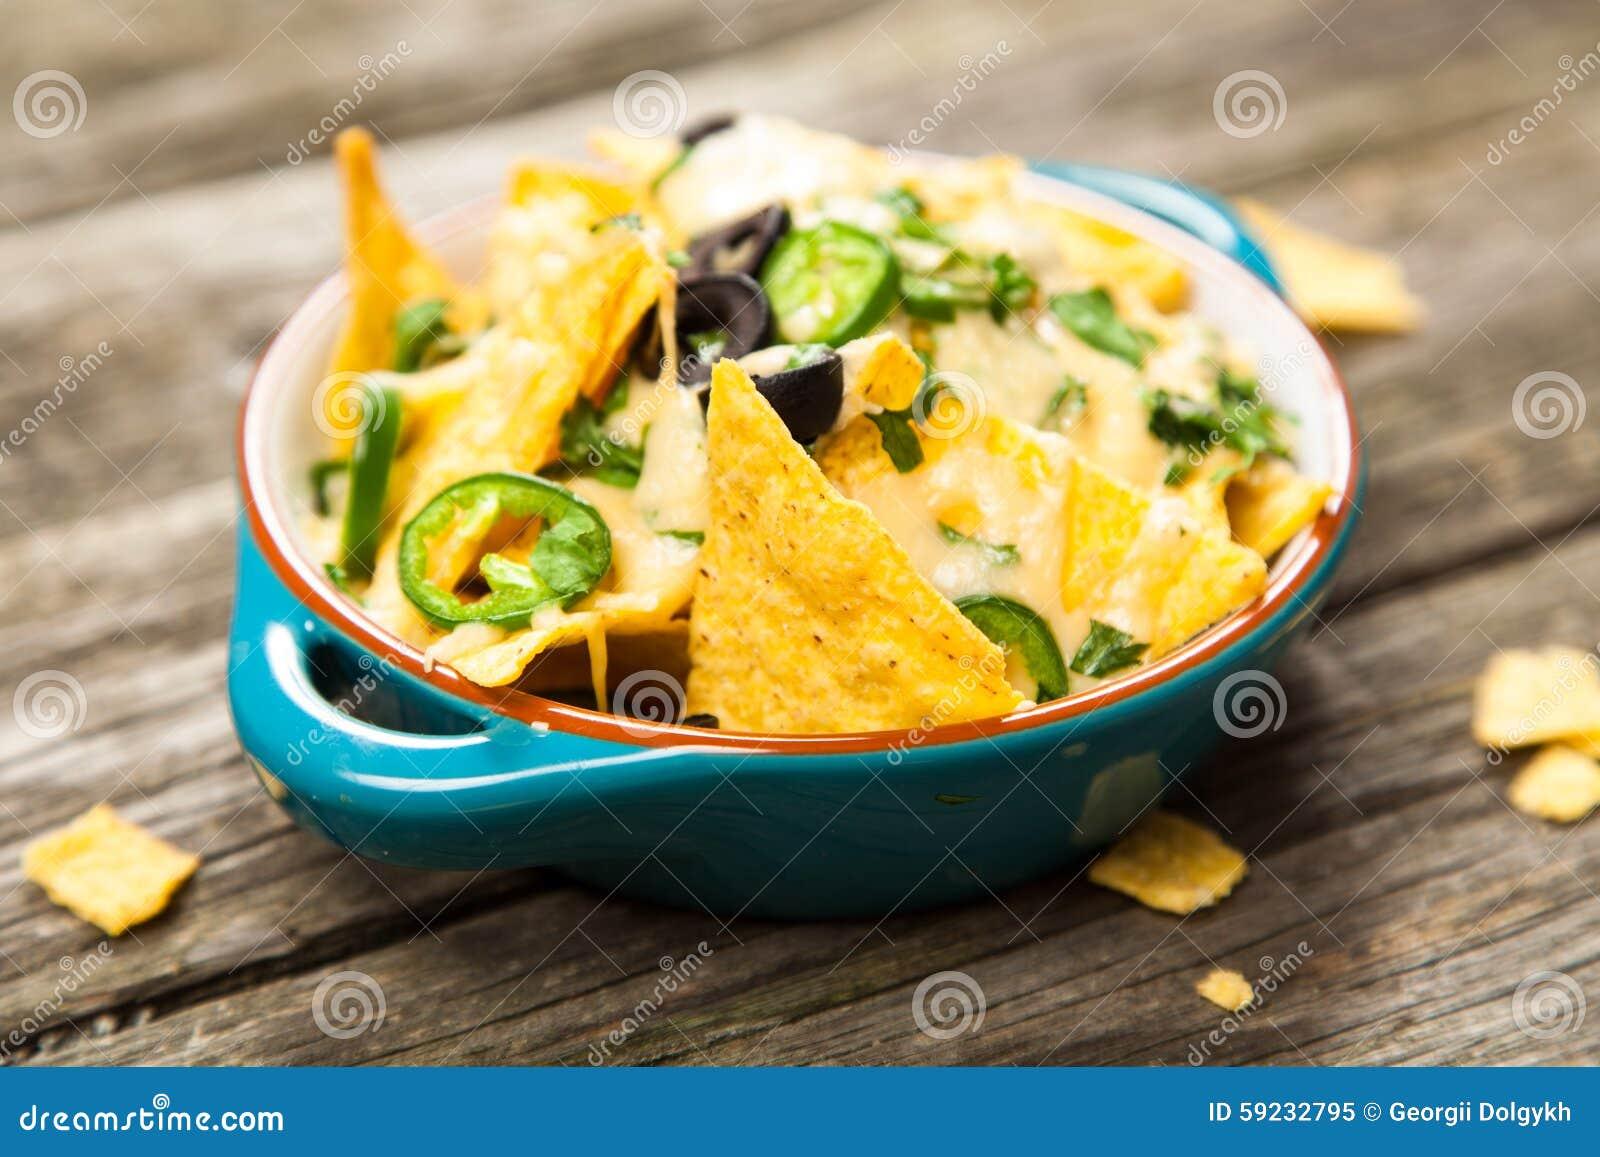 Download Nachos con queso derretido imagen de archivo. Imagen de cheddar - 59232795